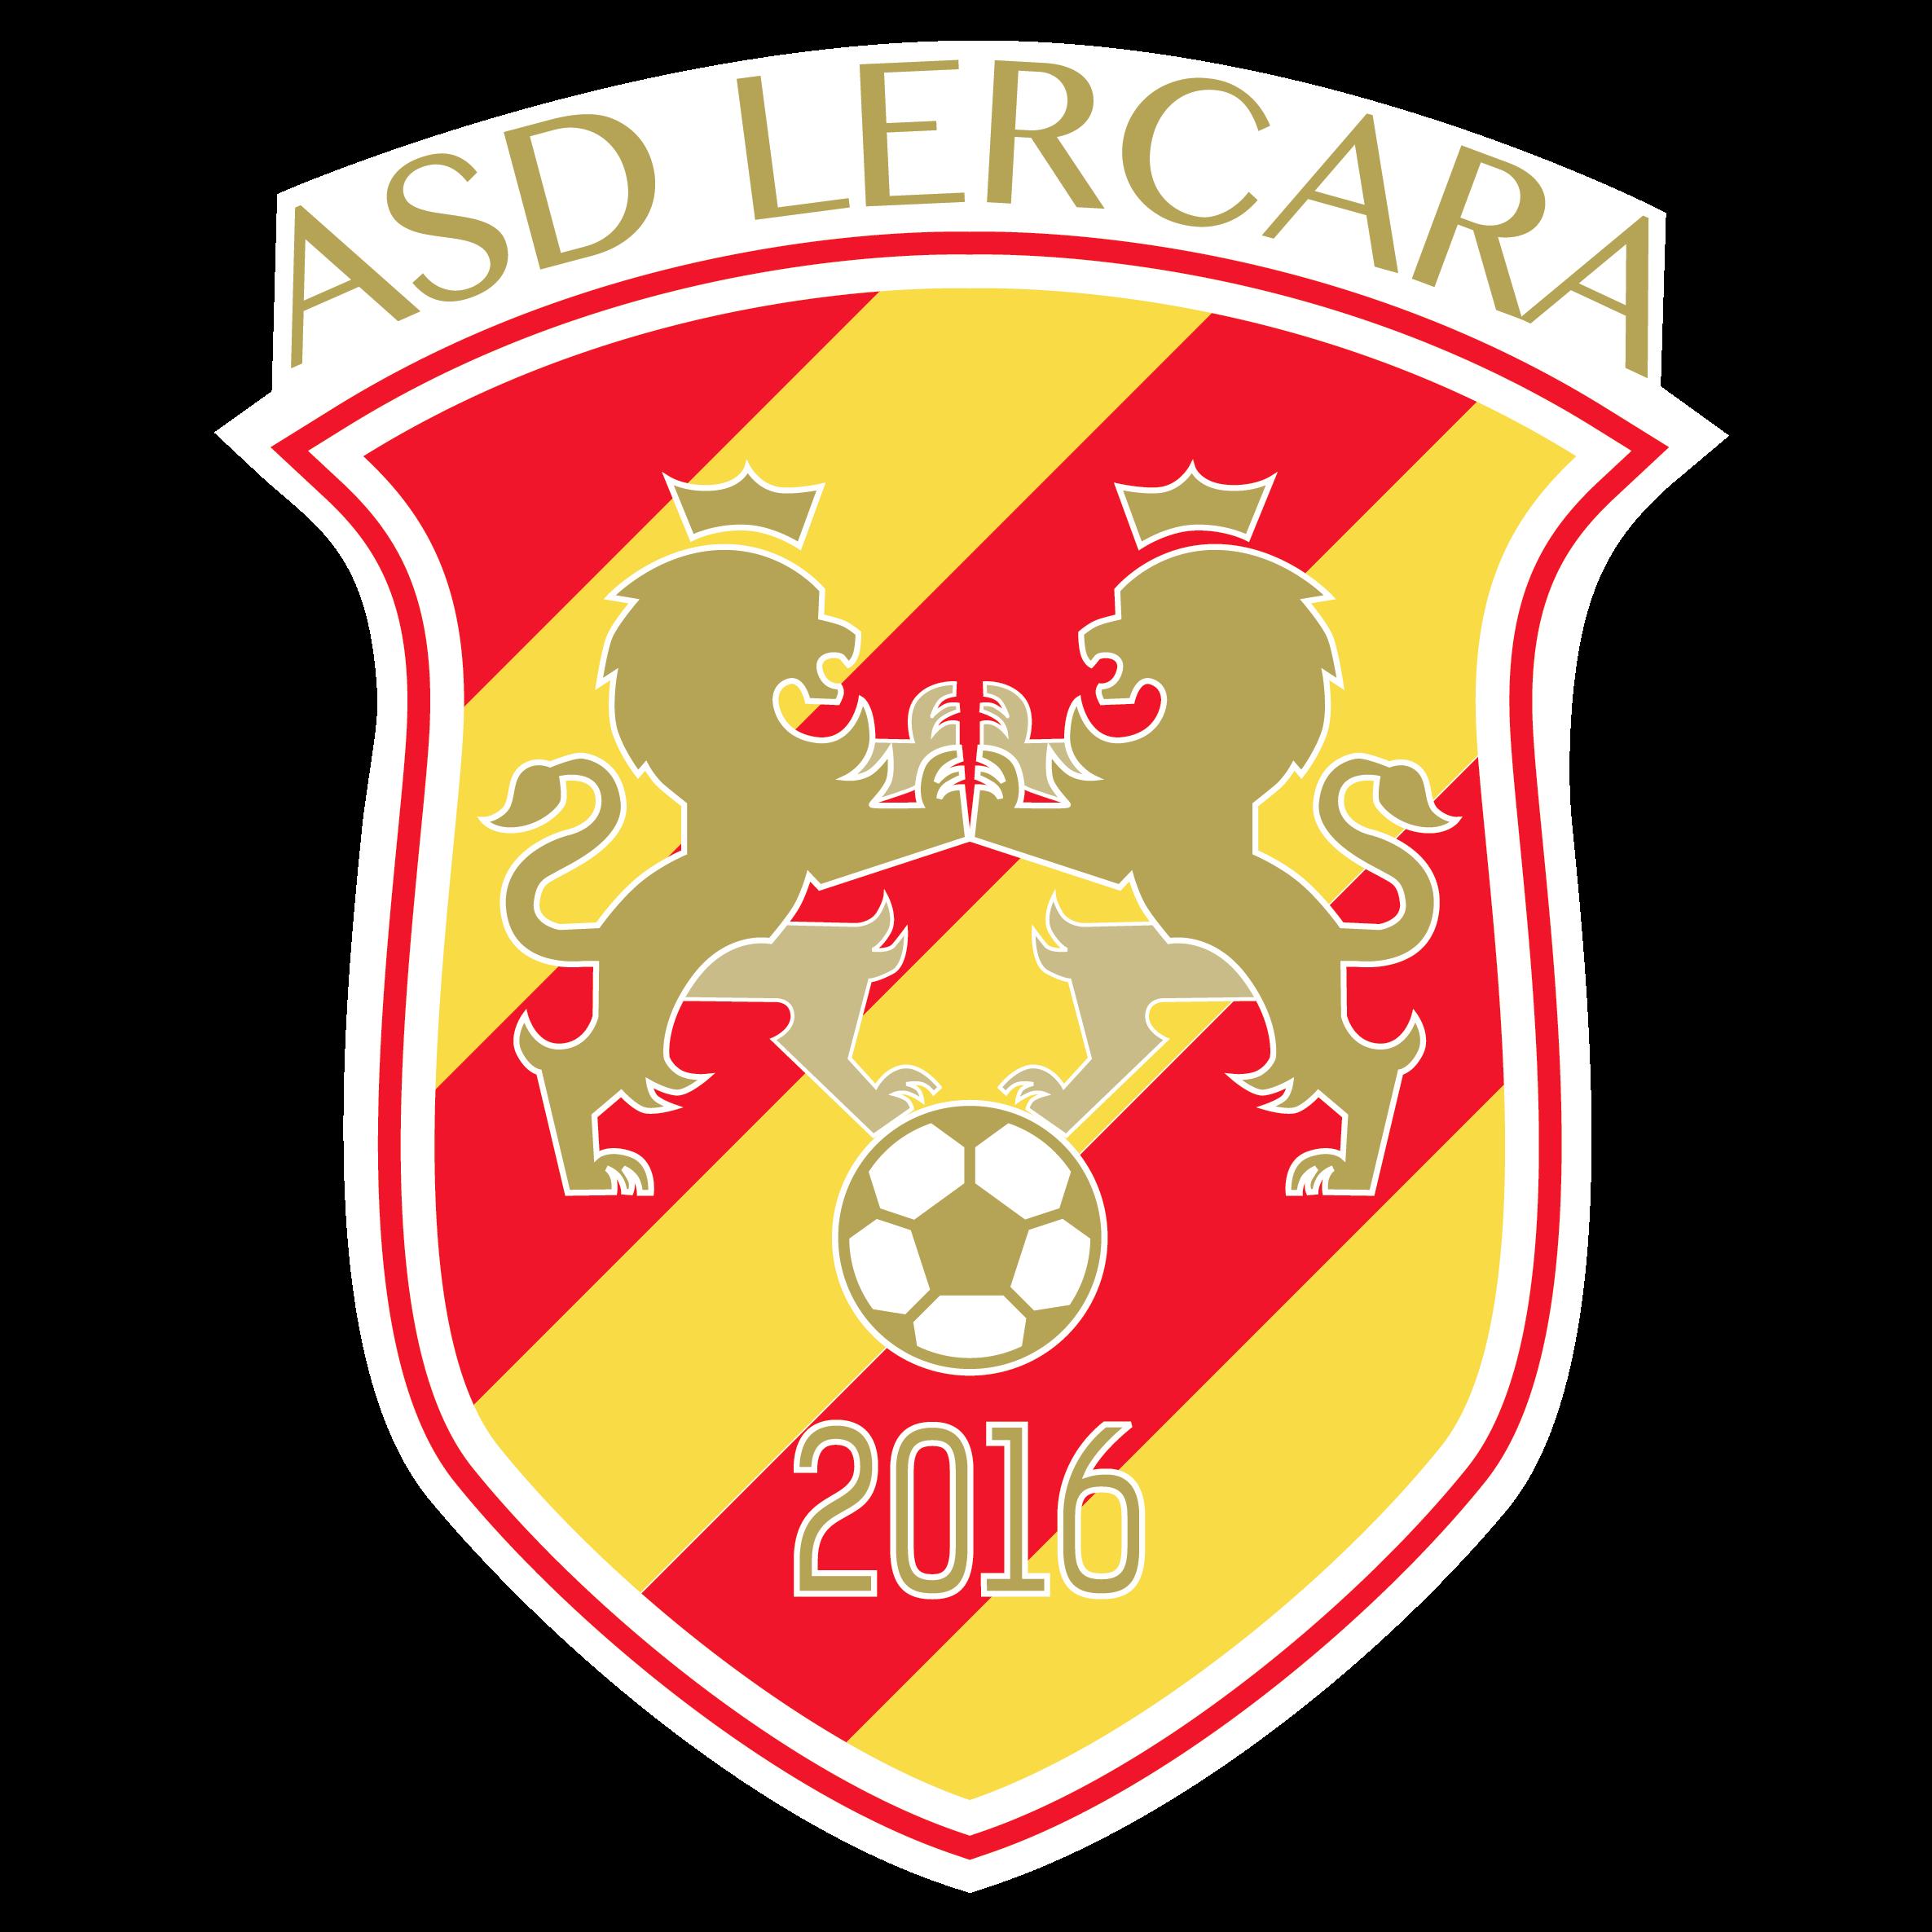 A.S.D. LERCARA